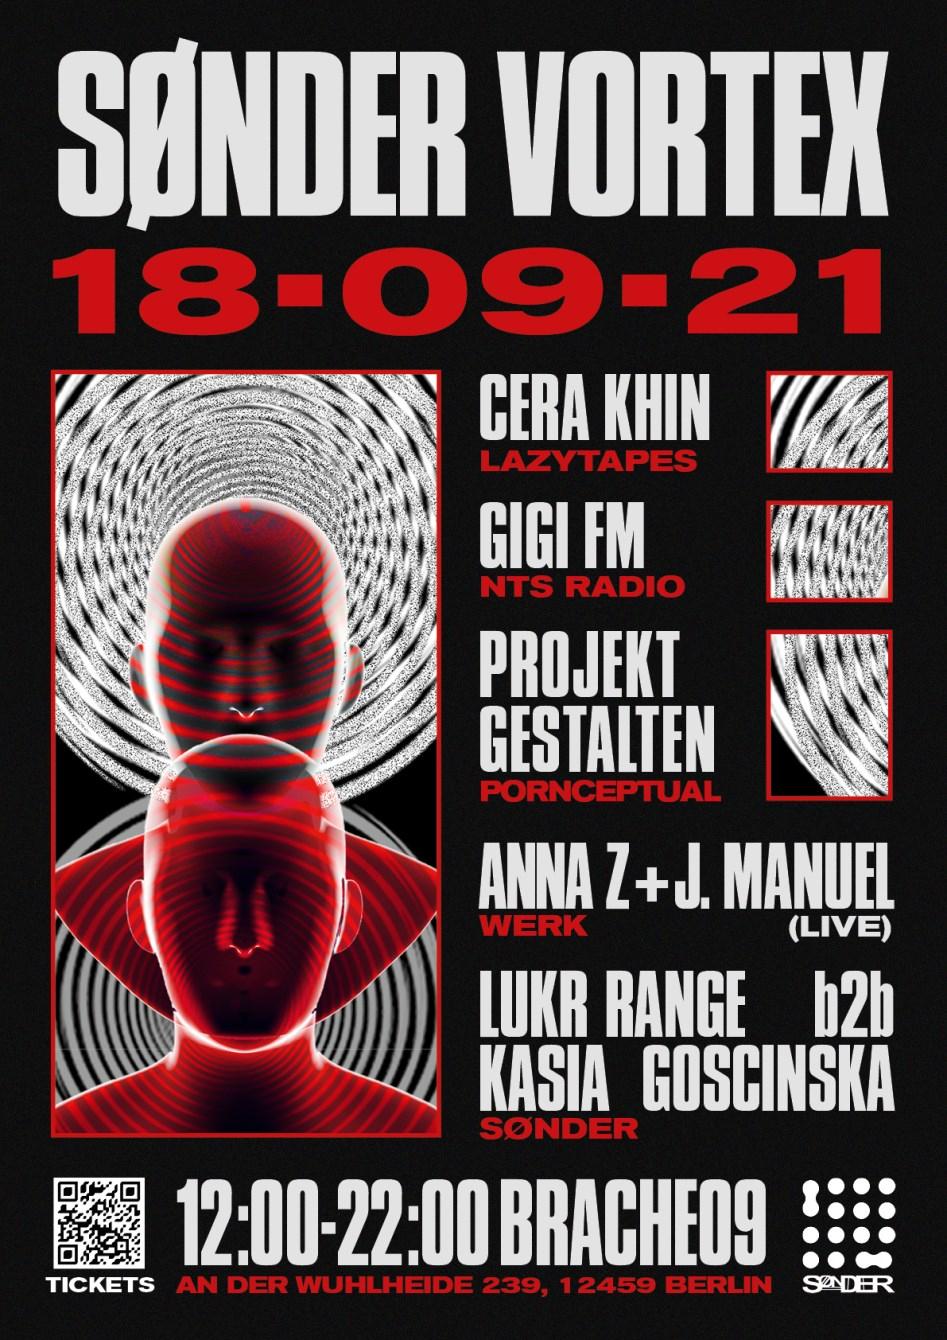 Sønder Vortex - Cera Khin, Gigi FM, Projekt Gestalten, Anna Z & J.Manuel - Flyer front